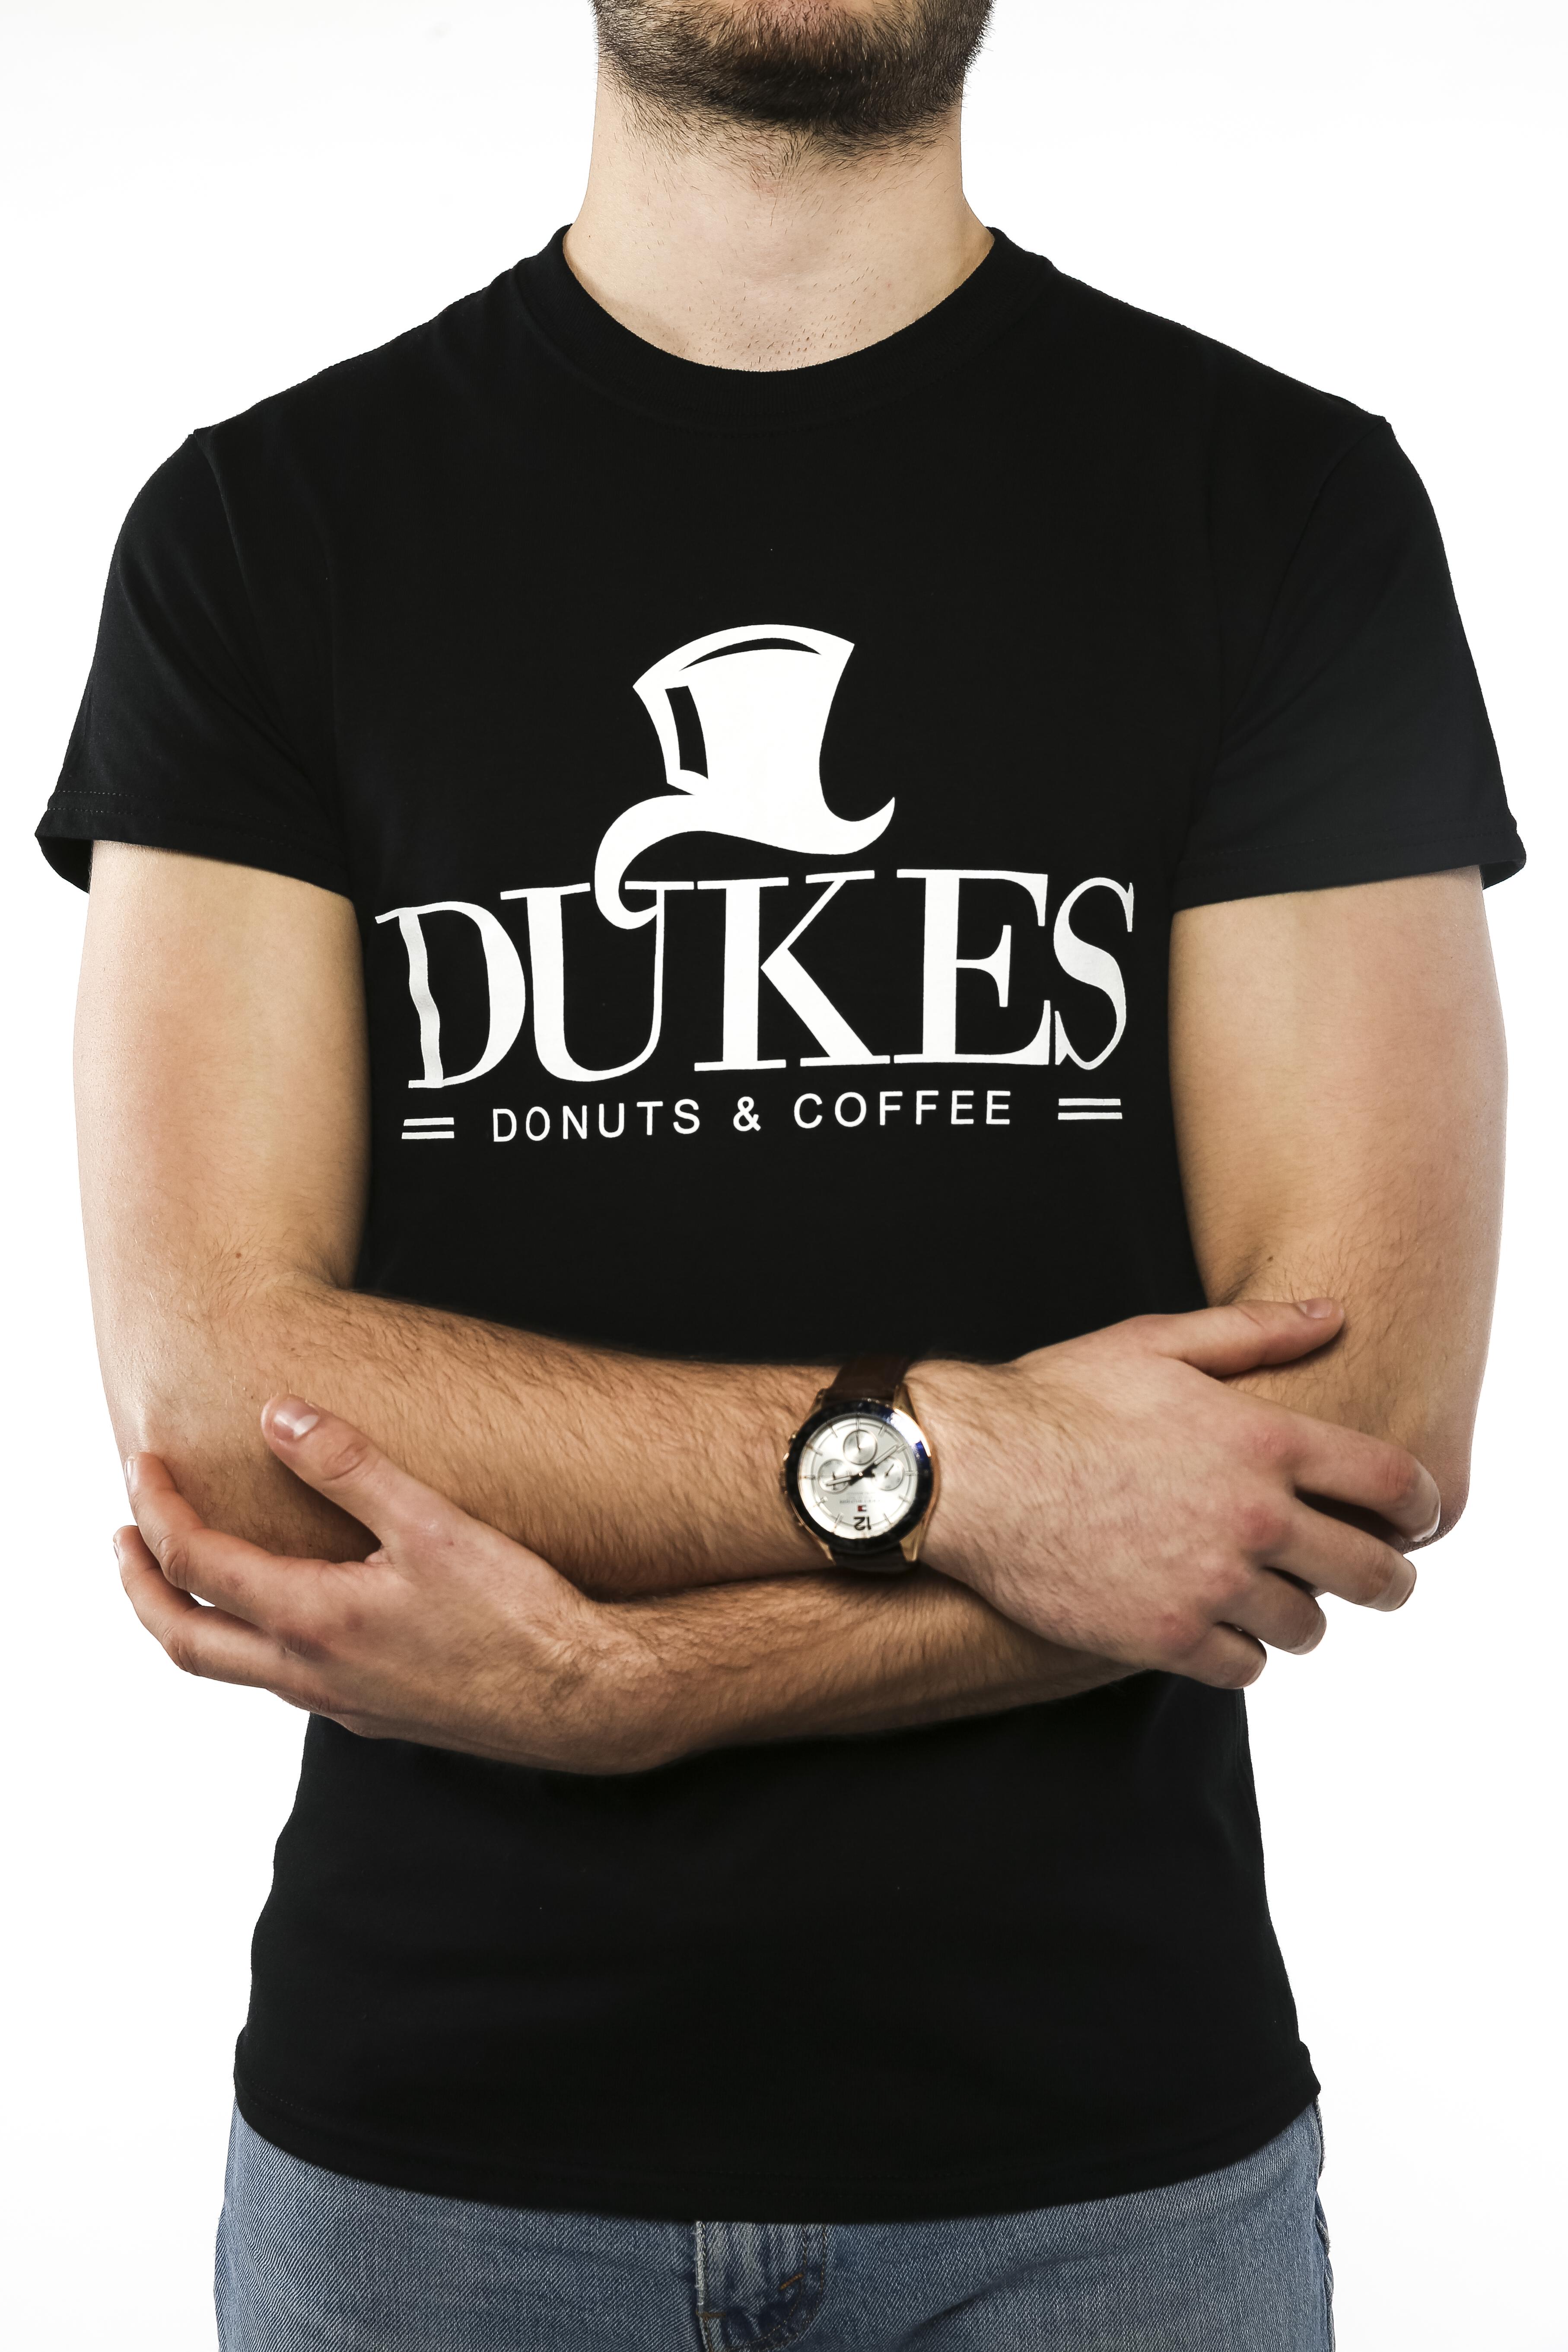 KH_DUKES-3811